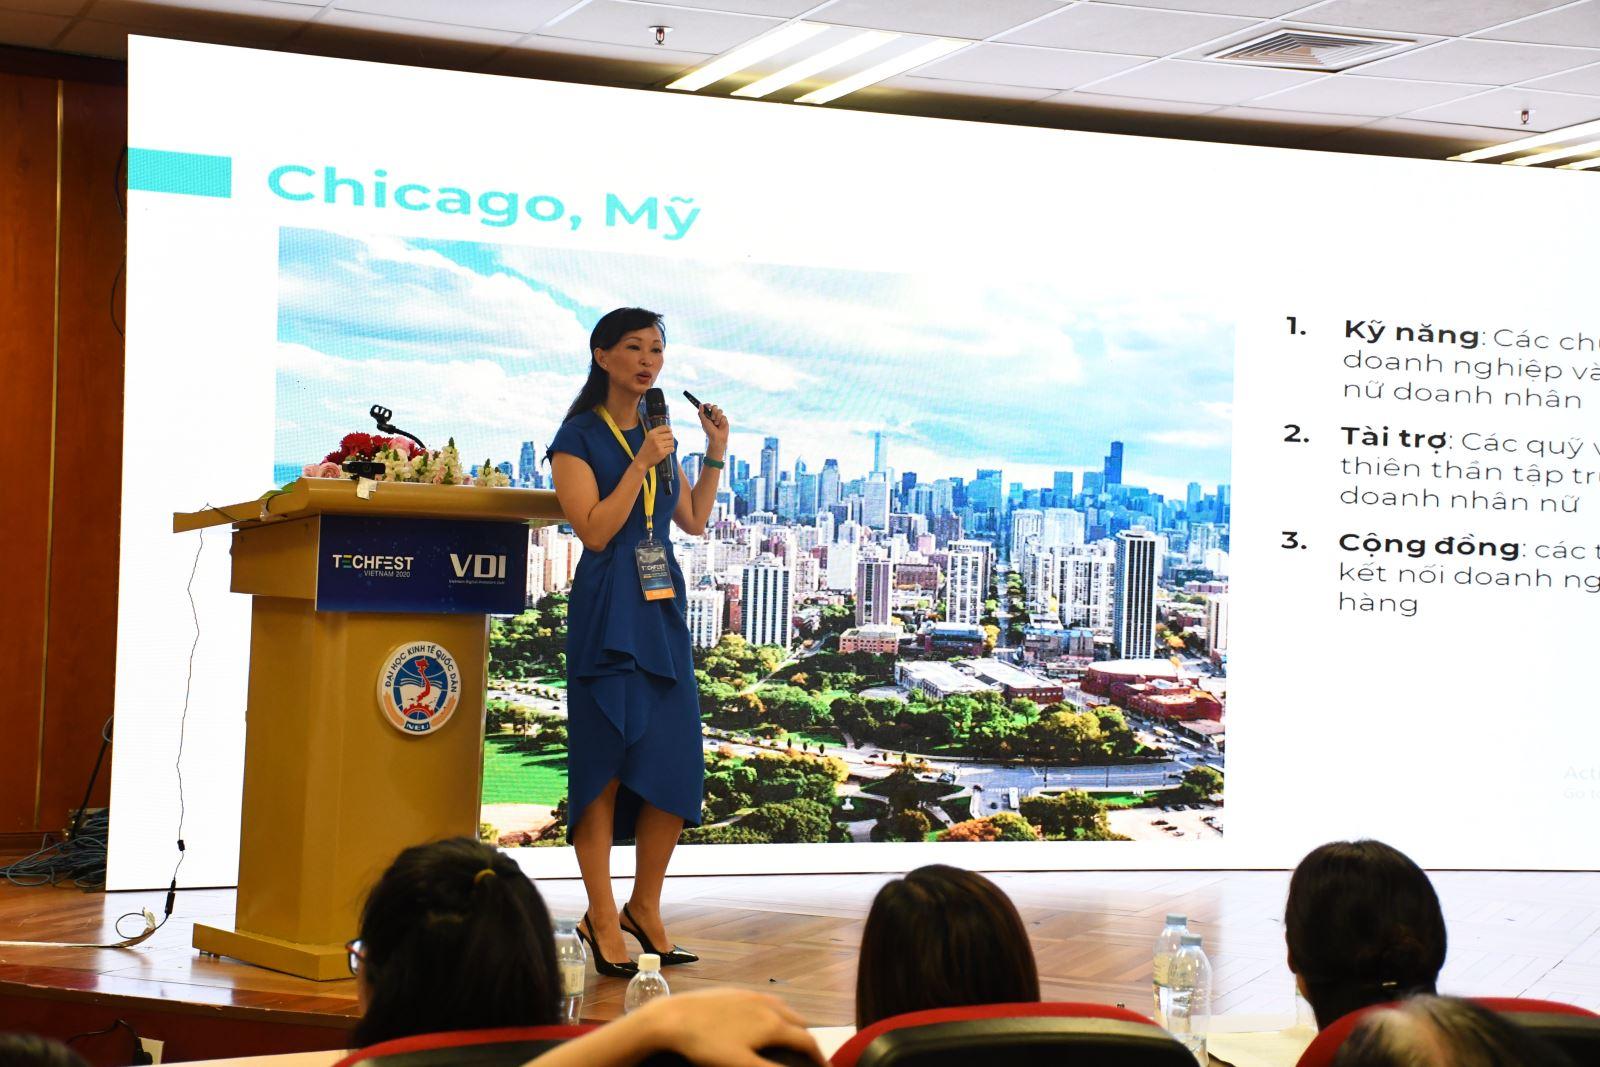 Bà Thái Vân Linh - CEO và Nhà Sáng lập TVL GROUP chia sẻ về kinh nghiệm quốc tế trong phát triển hệ sinh thái khởi nghiệp sáng tạo cho phụ nữ.